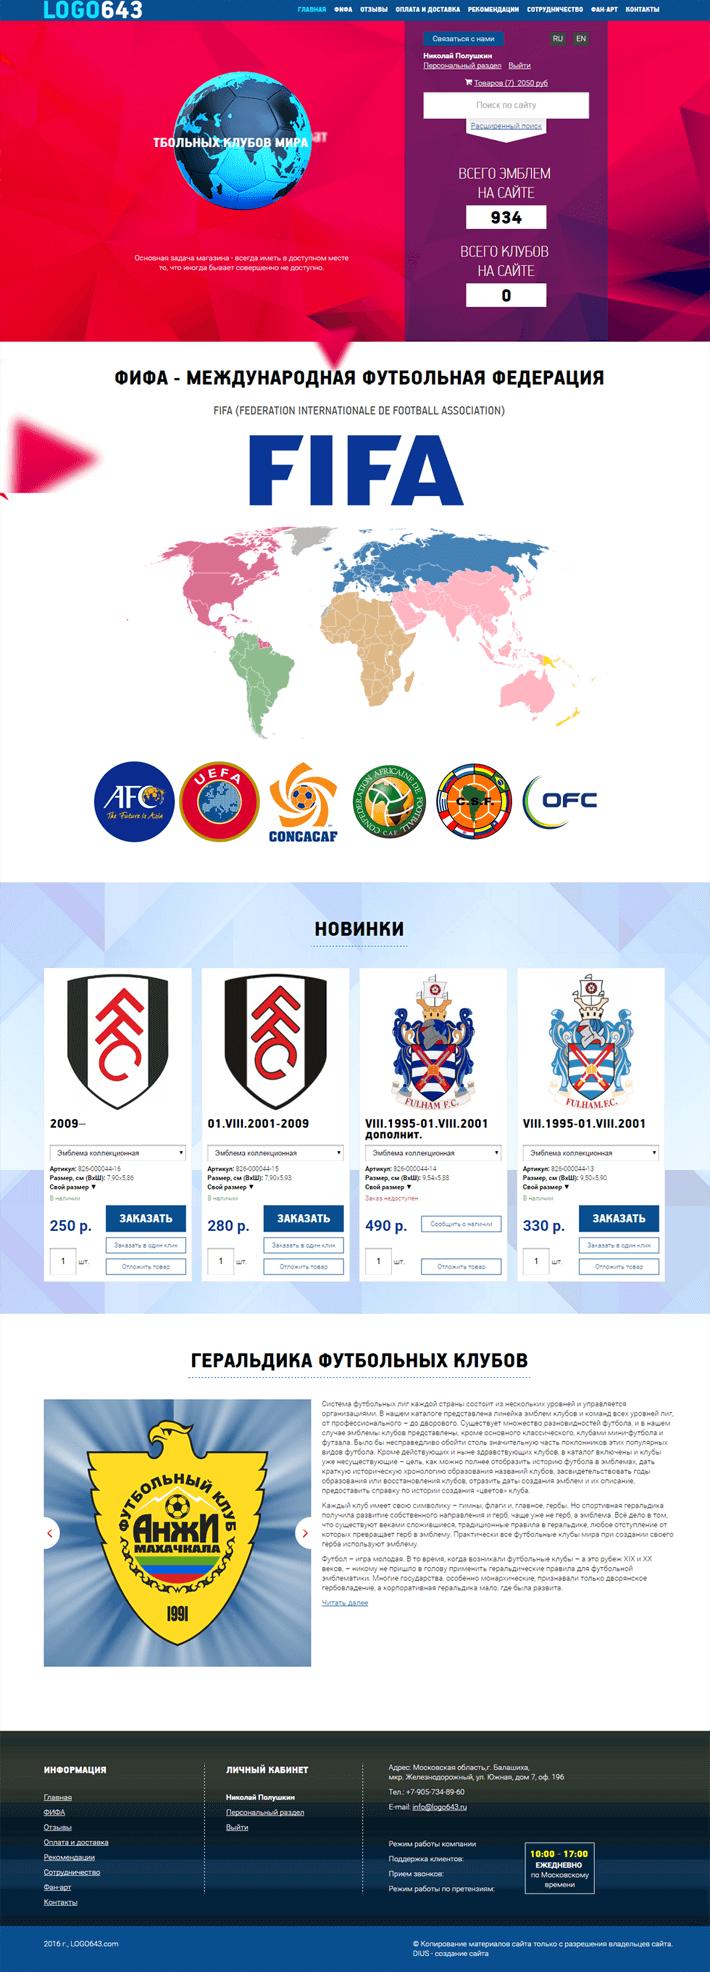 все футбольные сайты мира График работы: вахтовый